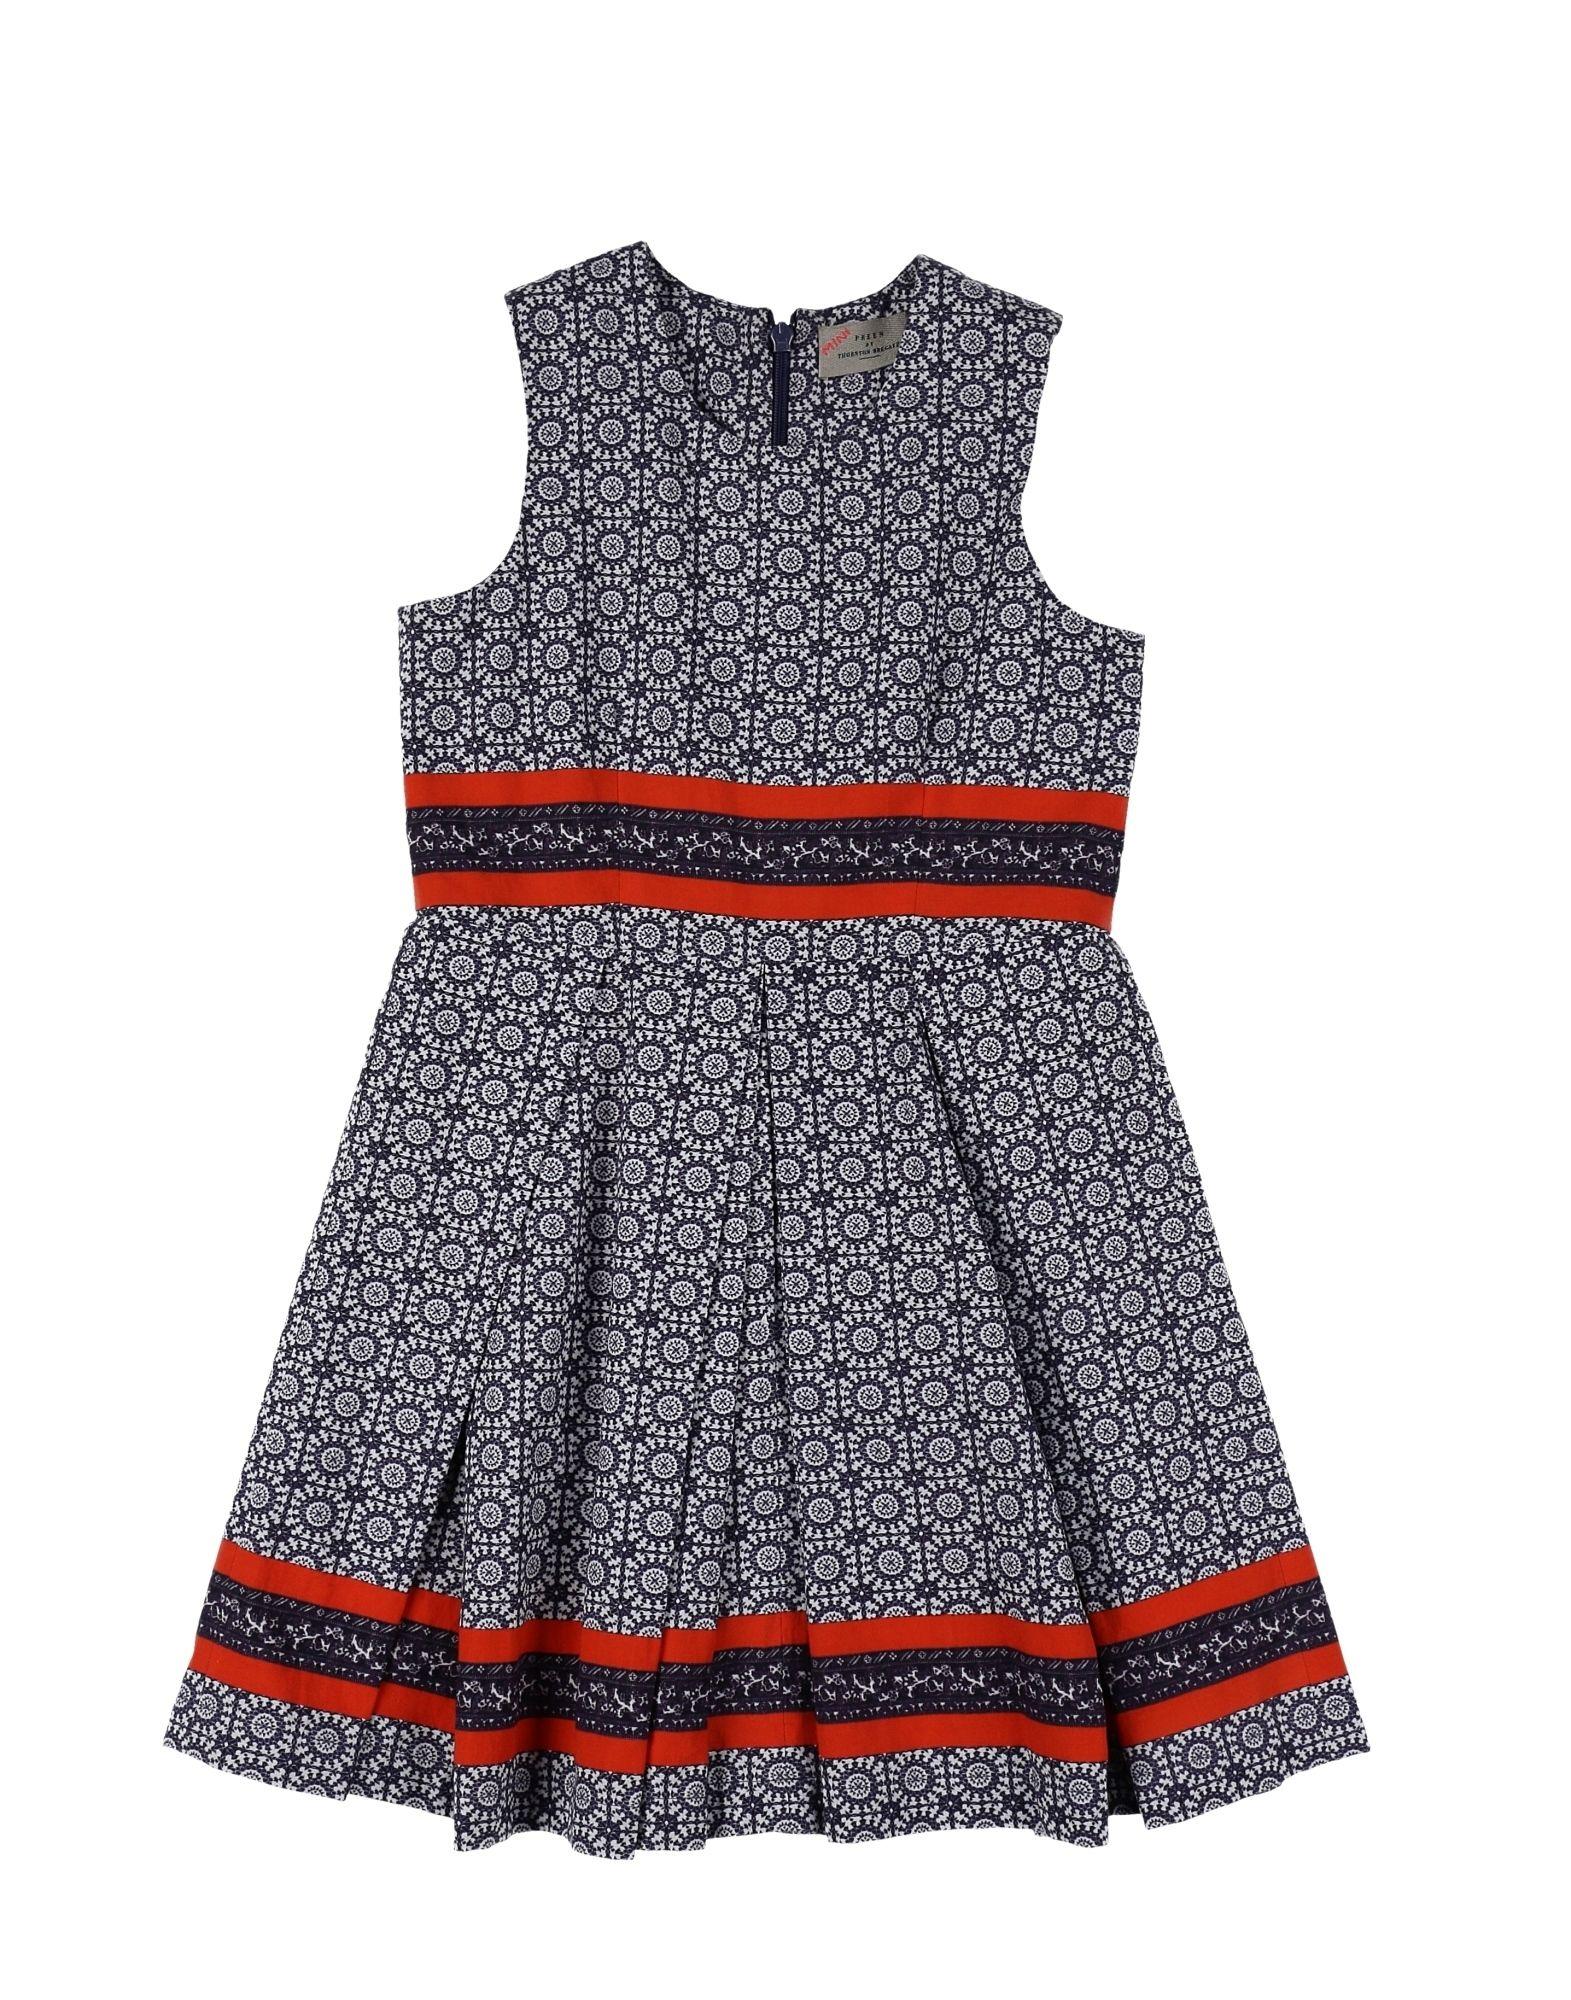 PREEN by THORNTON BREGAZZI Mädchen 3-8 jahre Kleid Farbe Dunkelblau Größe 4